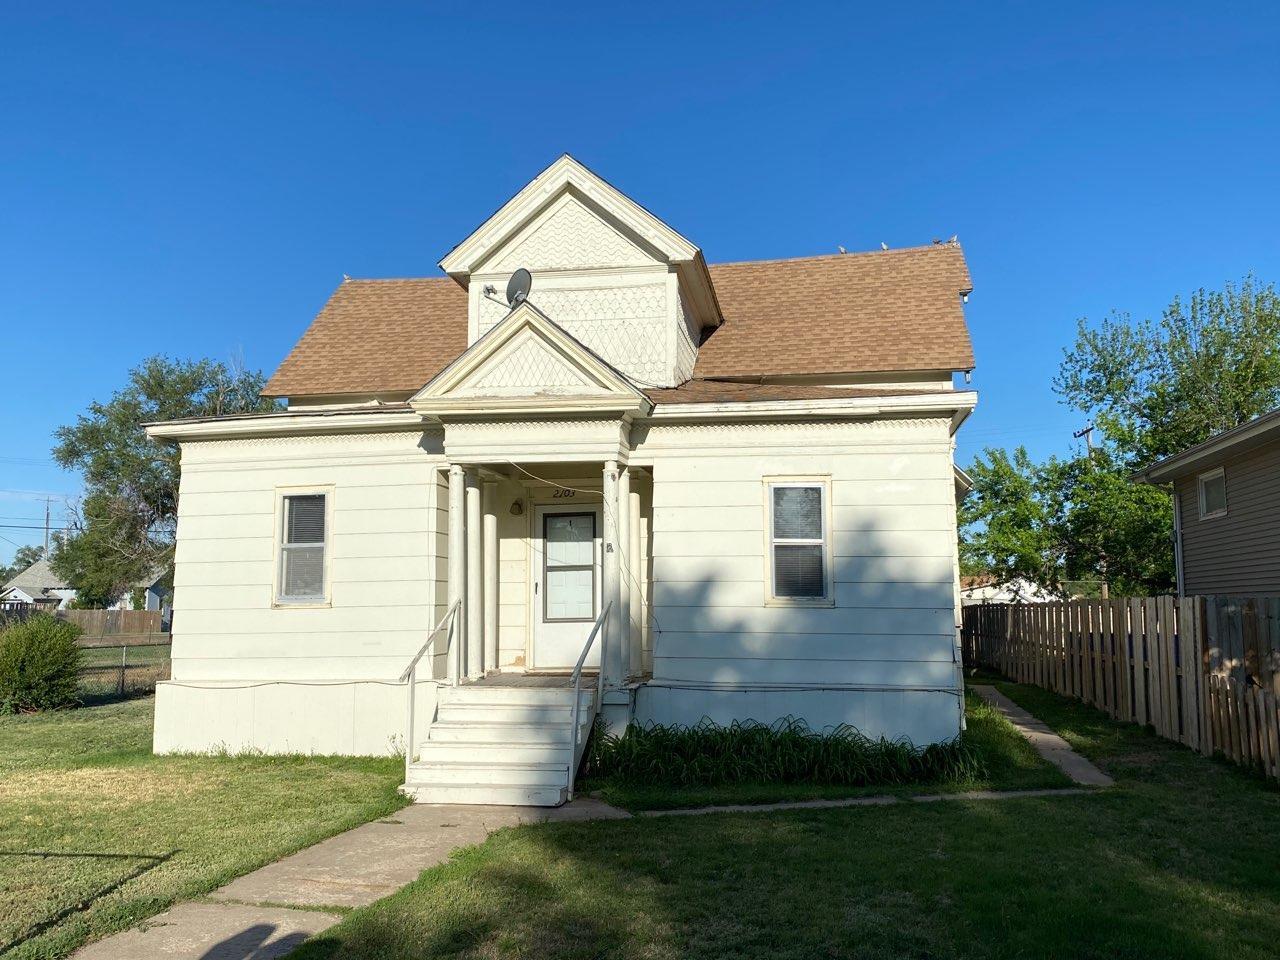 2103 N 7th Street, Garden City, KS 67846